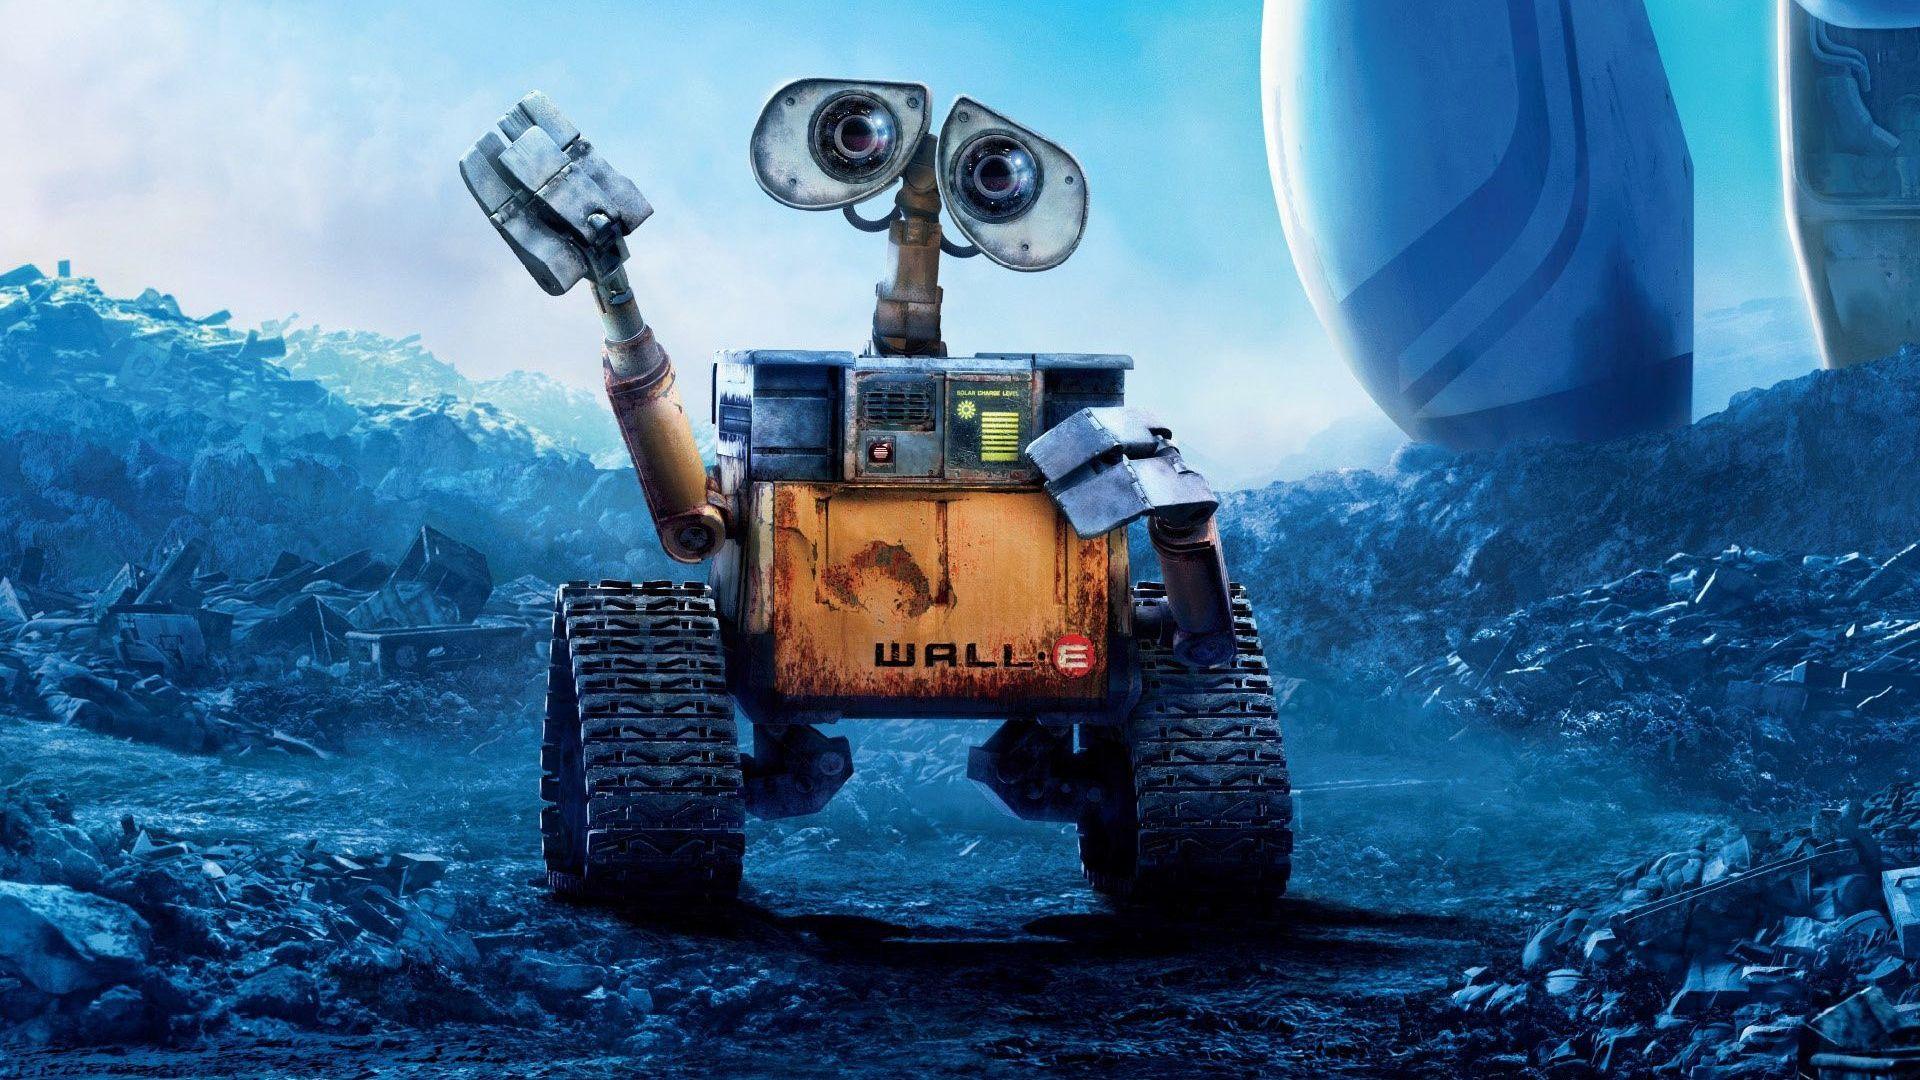 Vervolg 'WALL-E' heeft de voorkeur (als het dan toch gebeurt)